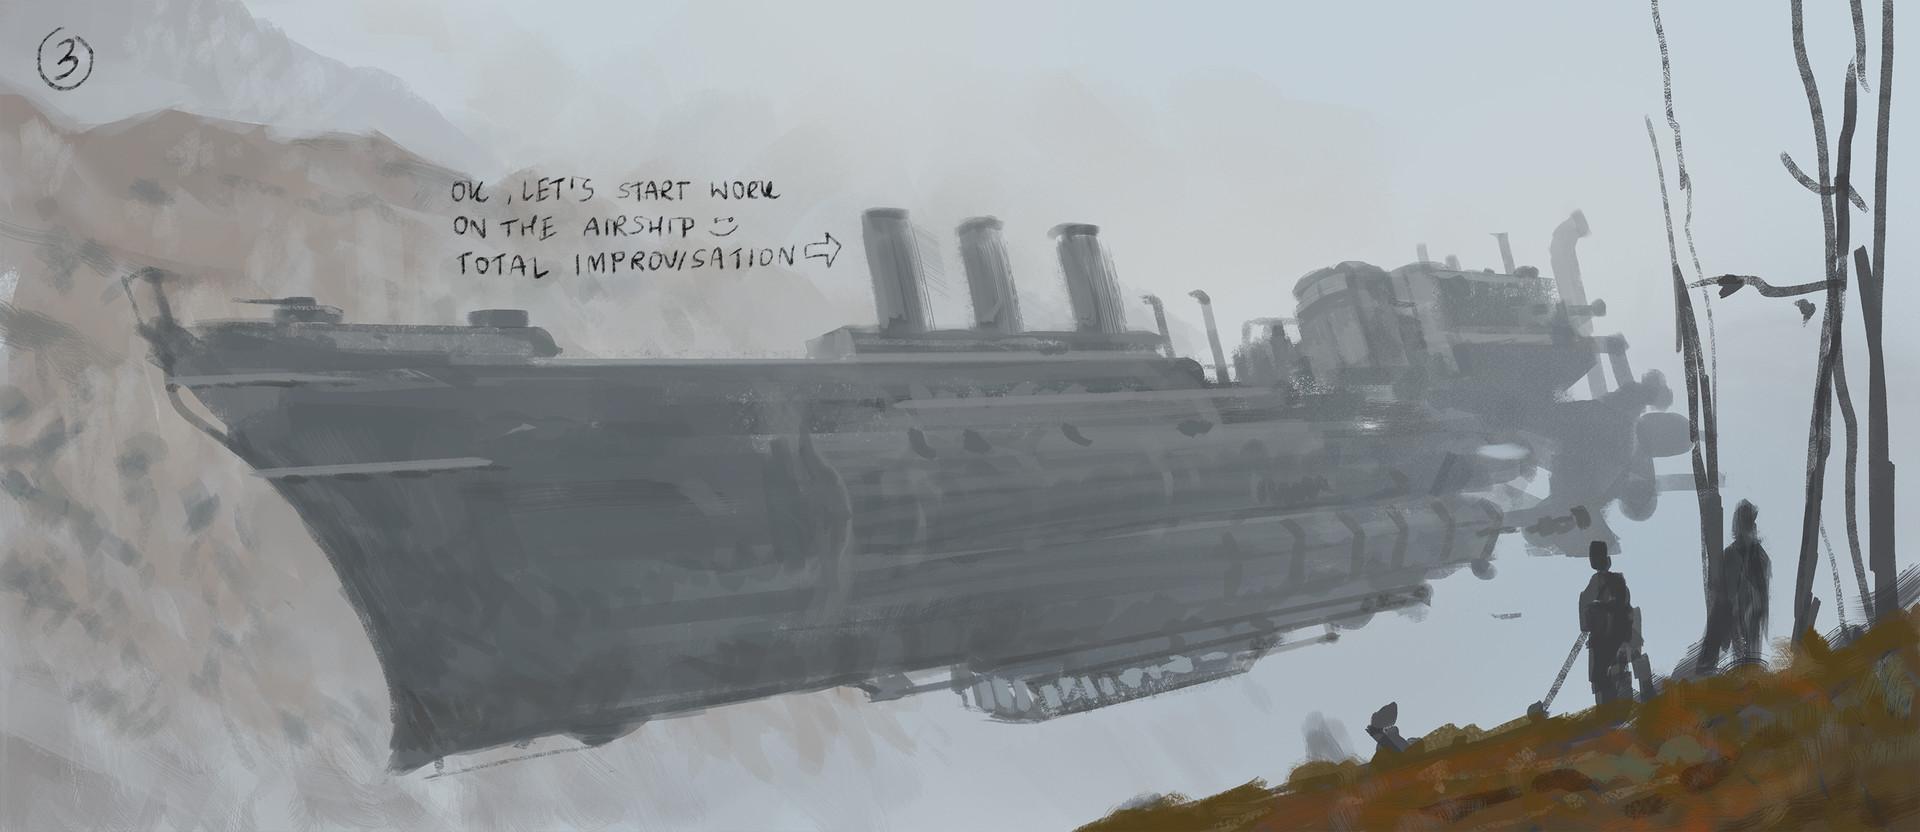 Drawn scythe wind 1920 Rozalski rozalski airship gambit